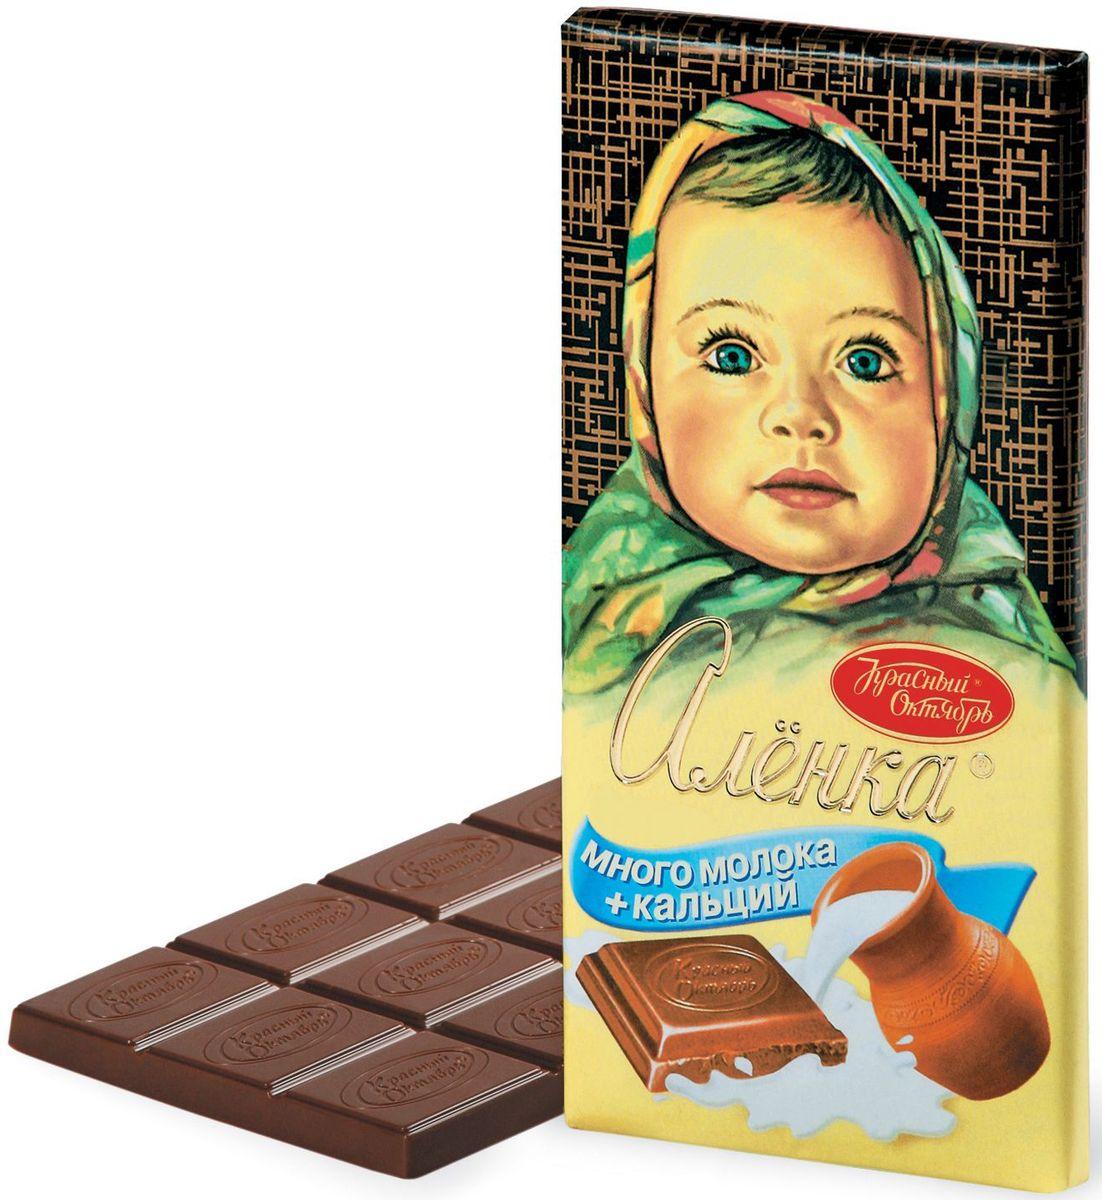 Красный Октябрь Аленка много молока молочный шоколад, 100 гКО05561Знаменитый шоколад Алёнка выпускается кондитерской фабрикой Красный Октябрь.